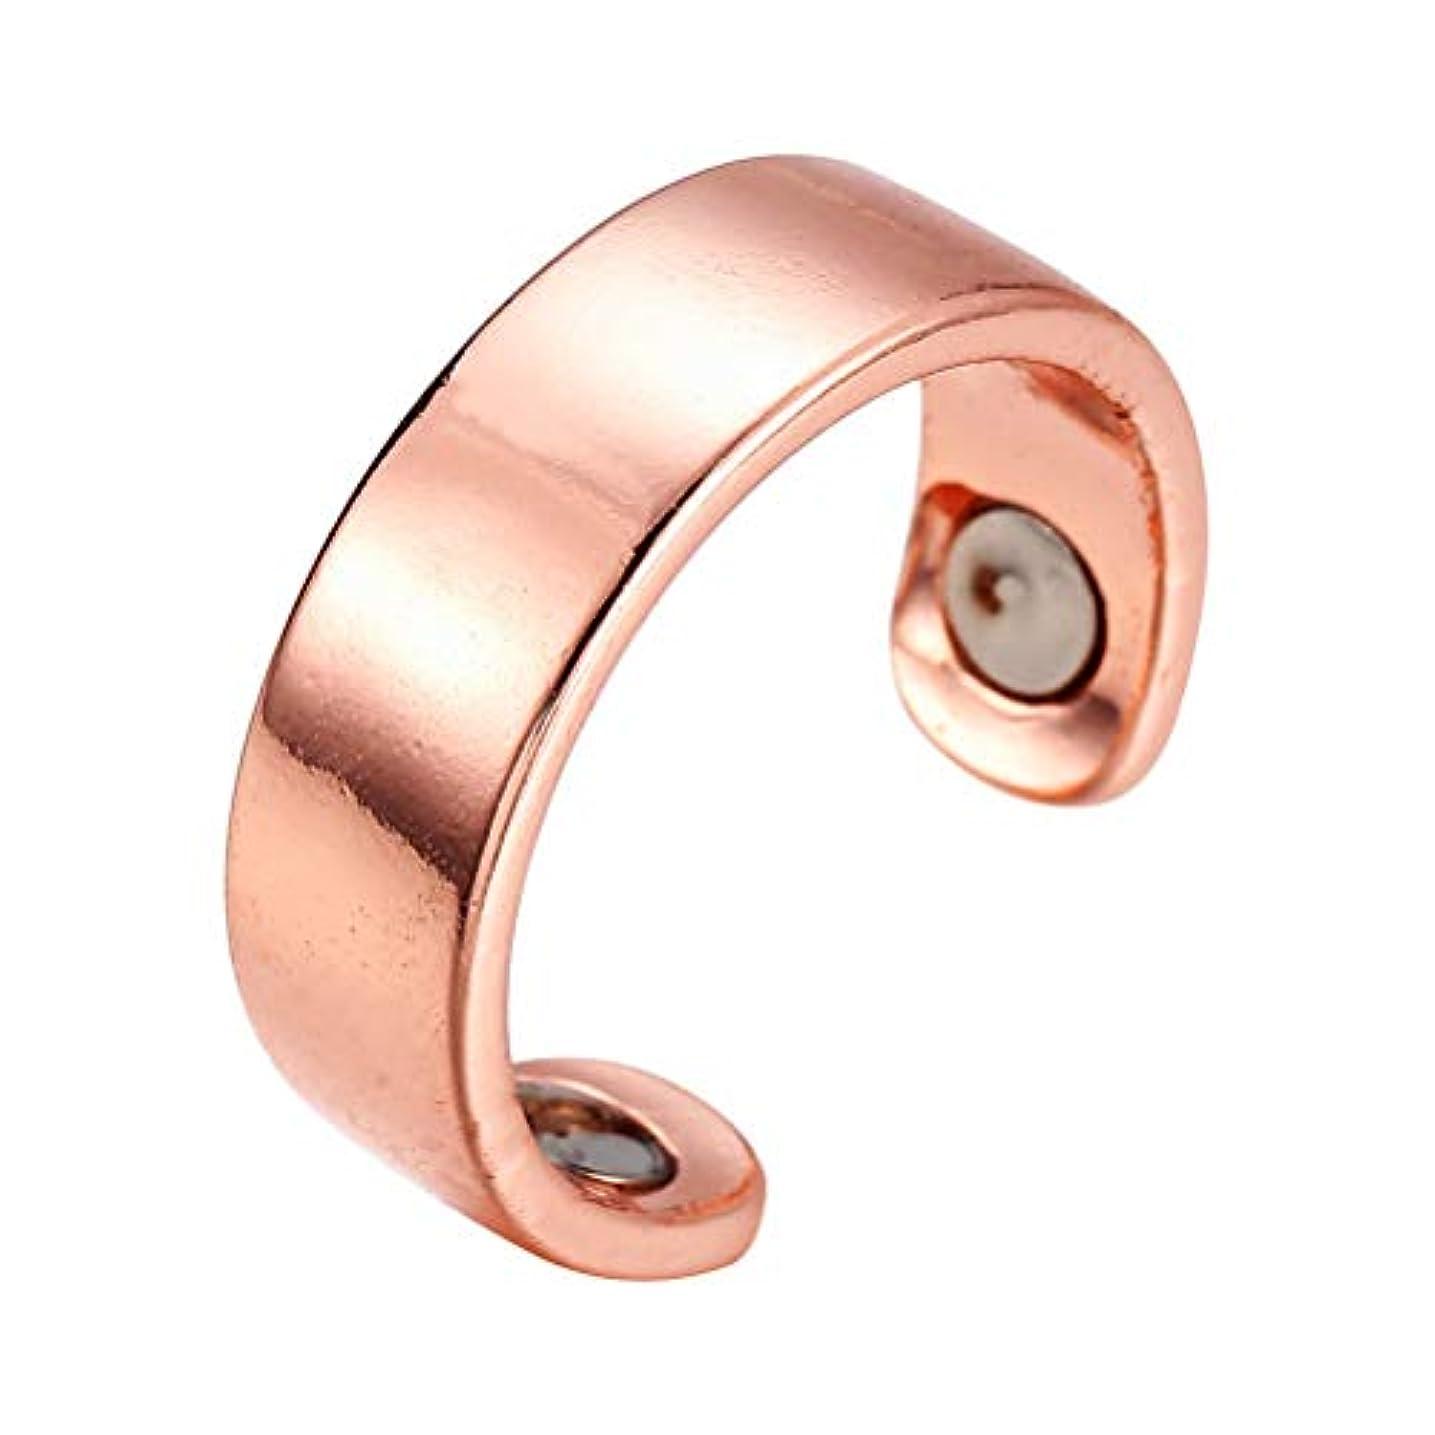 イノセンス落とし穴擁するHEALIFTY 指圧マッサージ指輪防止いびきリング息切れ指圧治療ヘルスケア磁気療法健康的な睡眠リング開環(釉、ローズゴールデン)